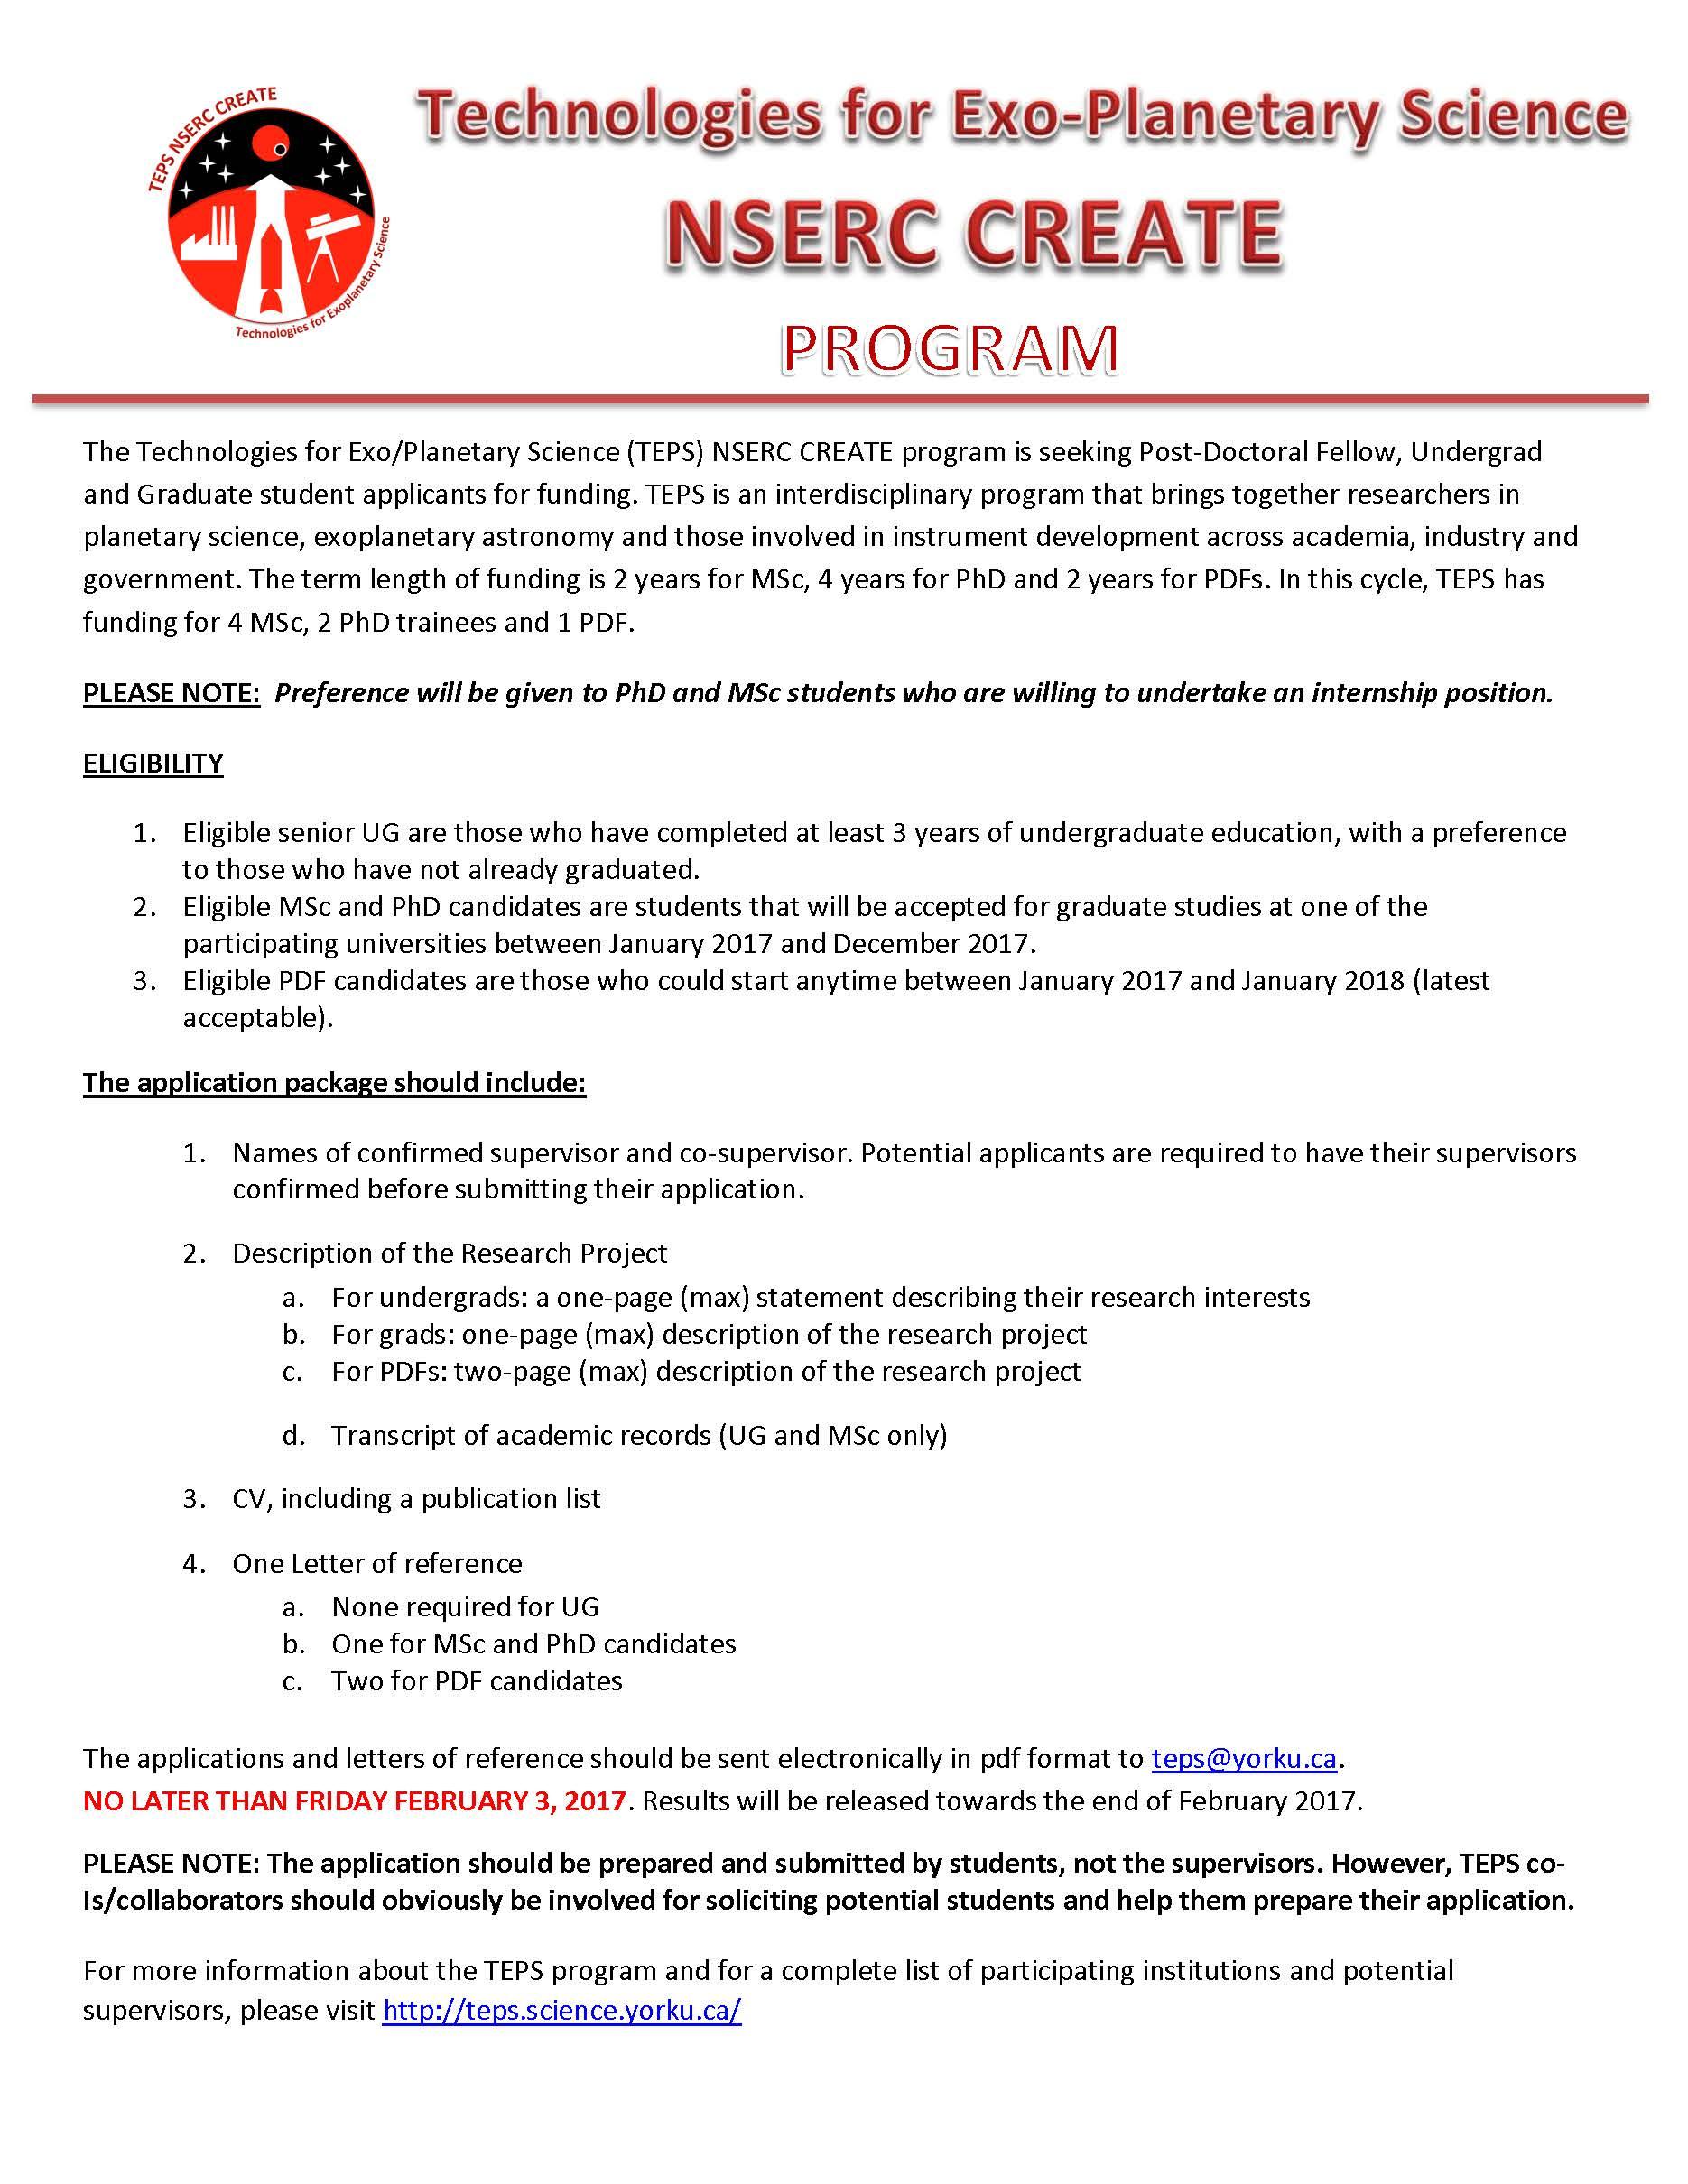 TEPS CAS Ad Program 2017